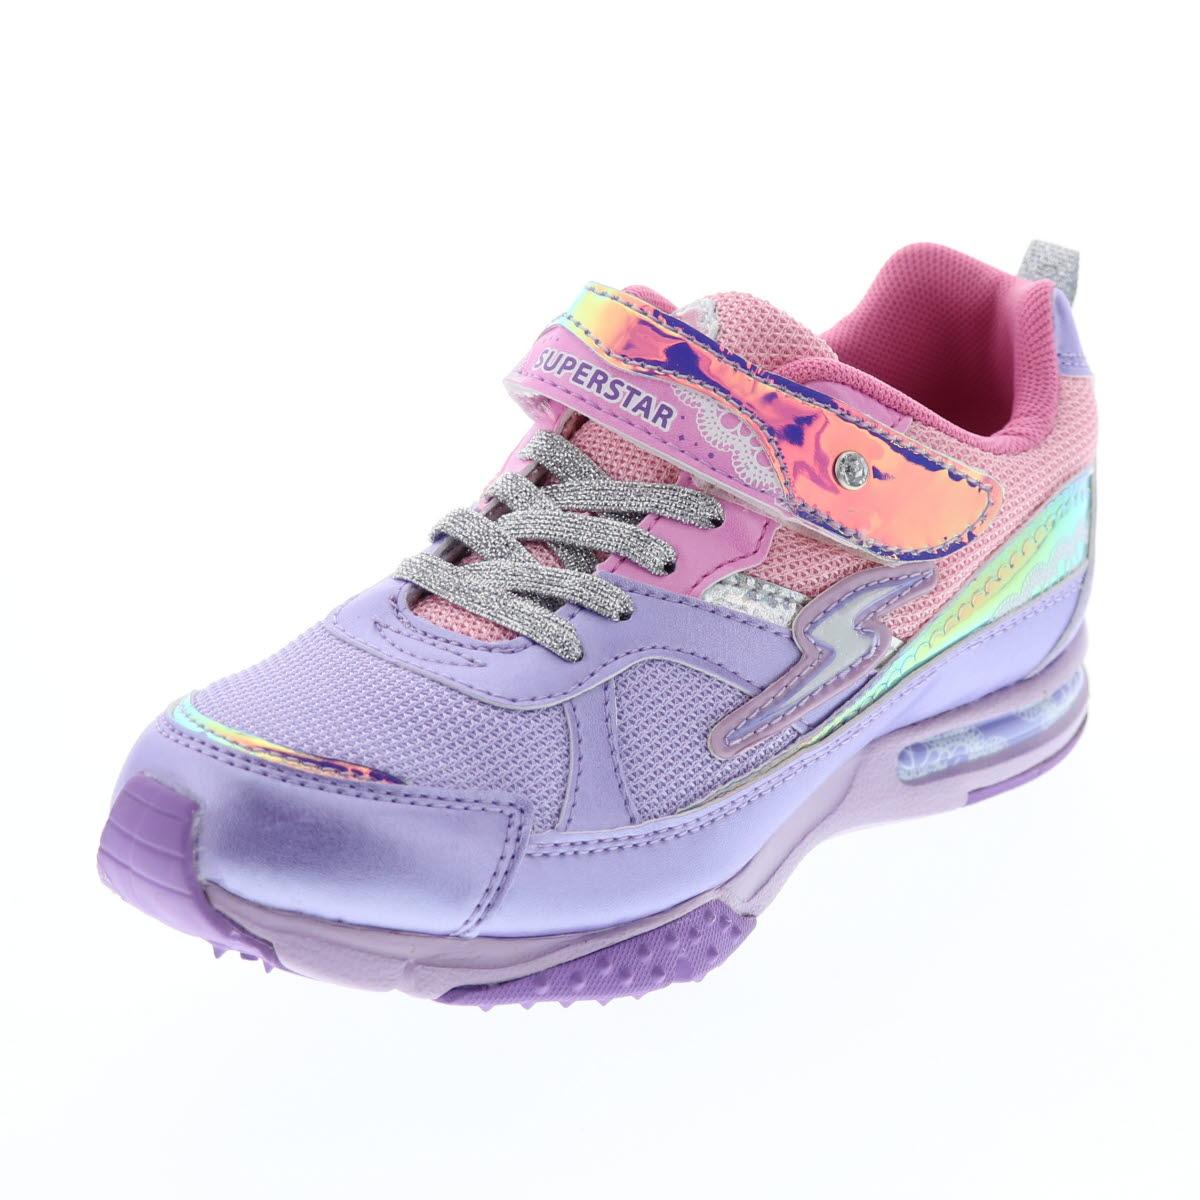 バネのチカラ キッズスニーカー 女の子 moonstar ムーンスター スタージュエリーコレクション 運動靴 キラキラ ラメ SSJ842 PPL パープル 紫